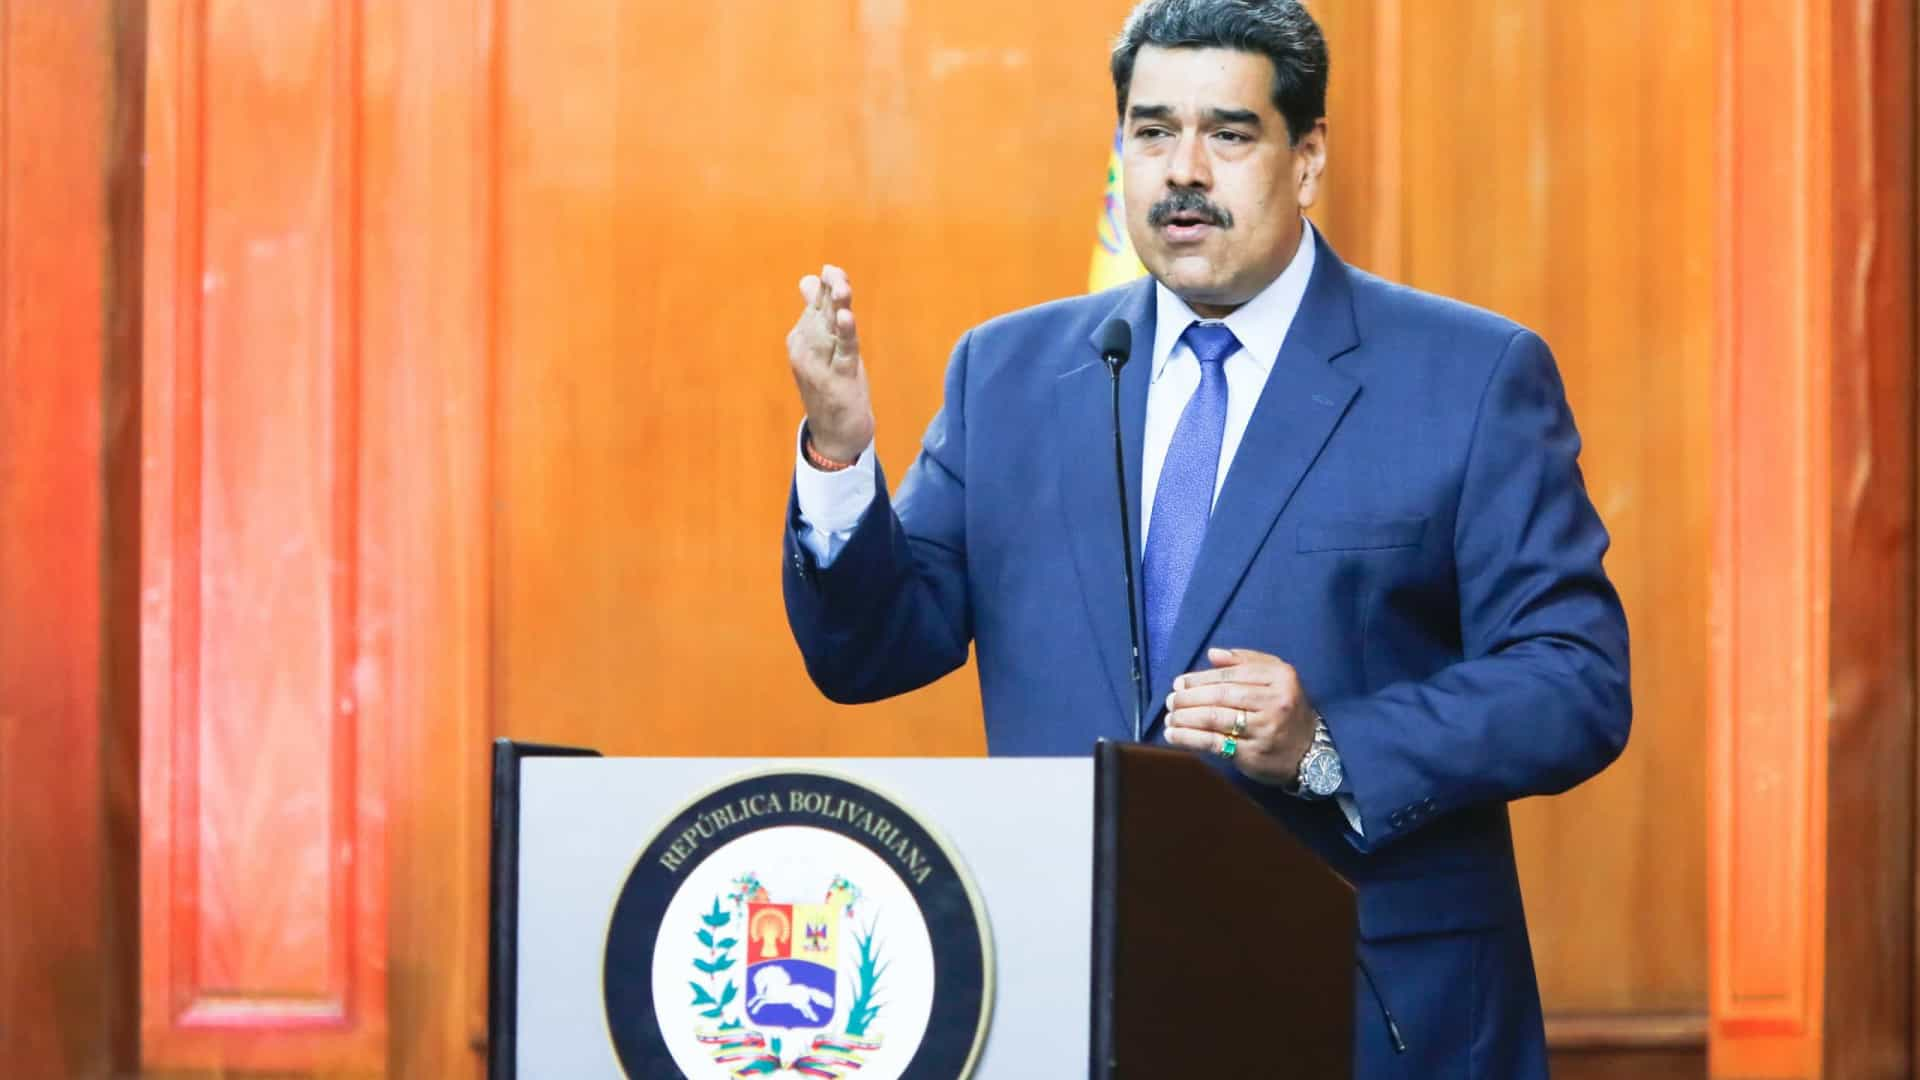 Maduro acusa embaixador espanhol de conspiração em golpe de Estado